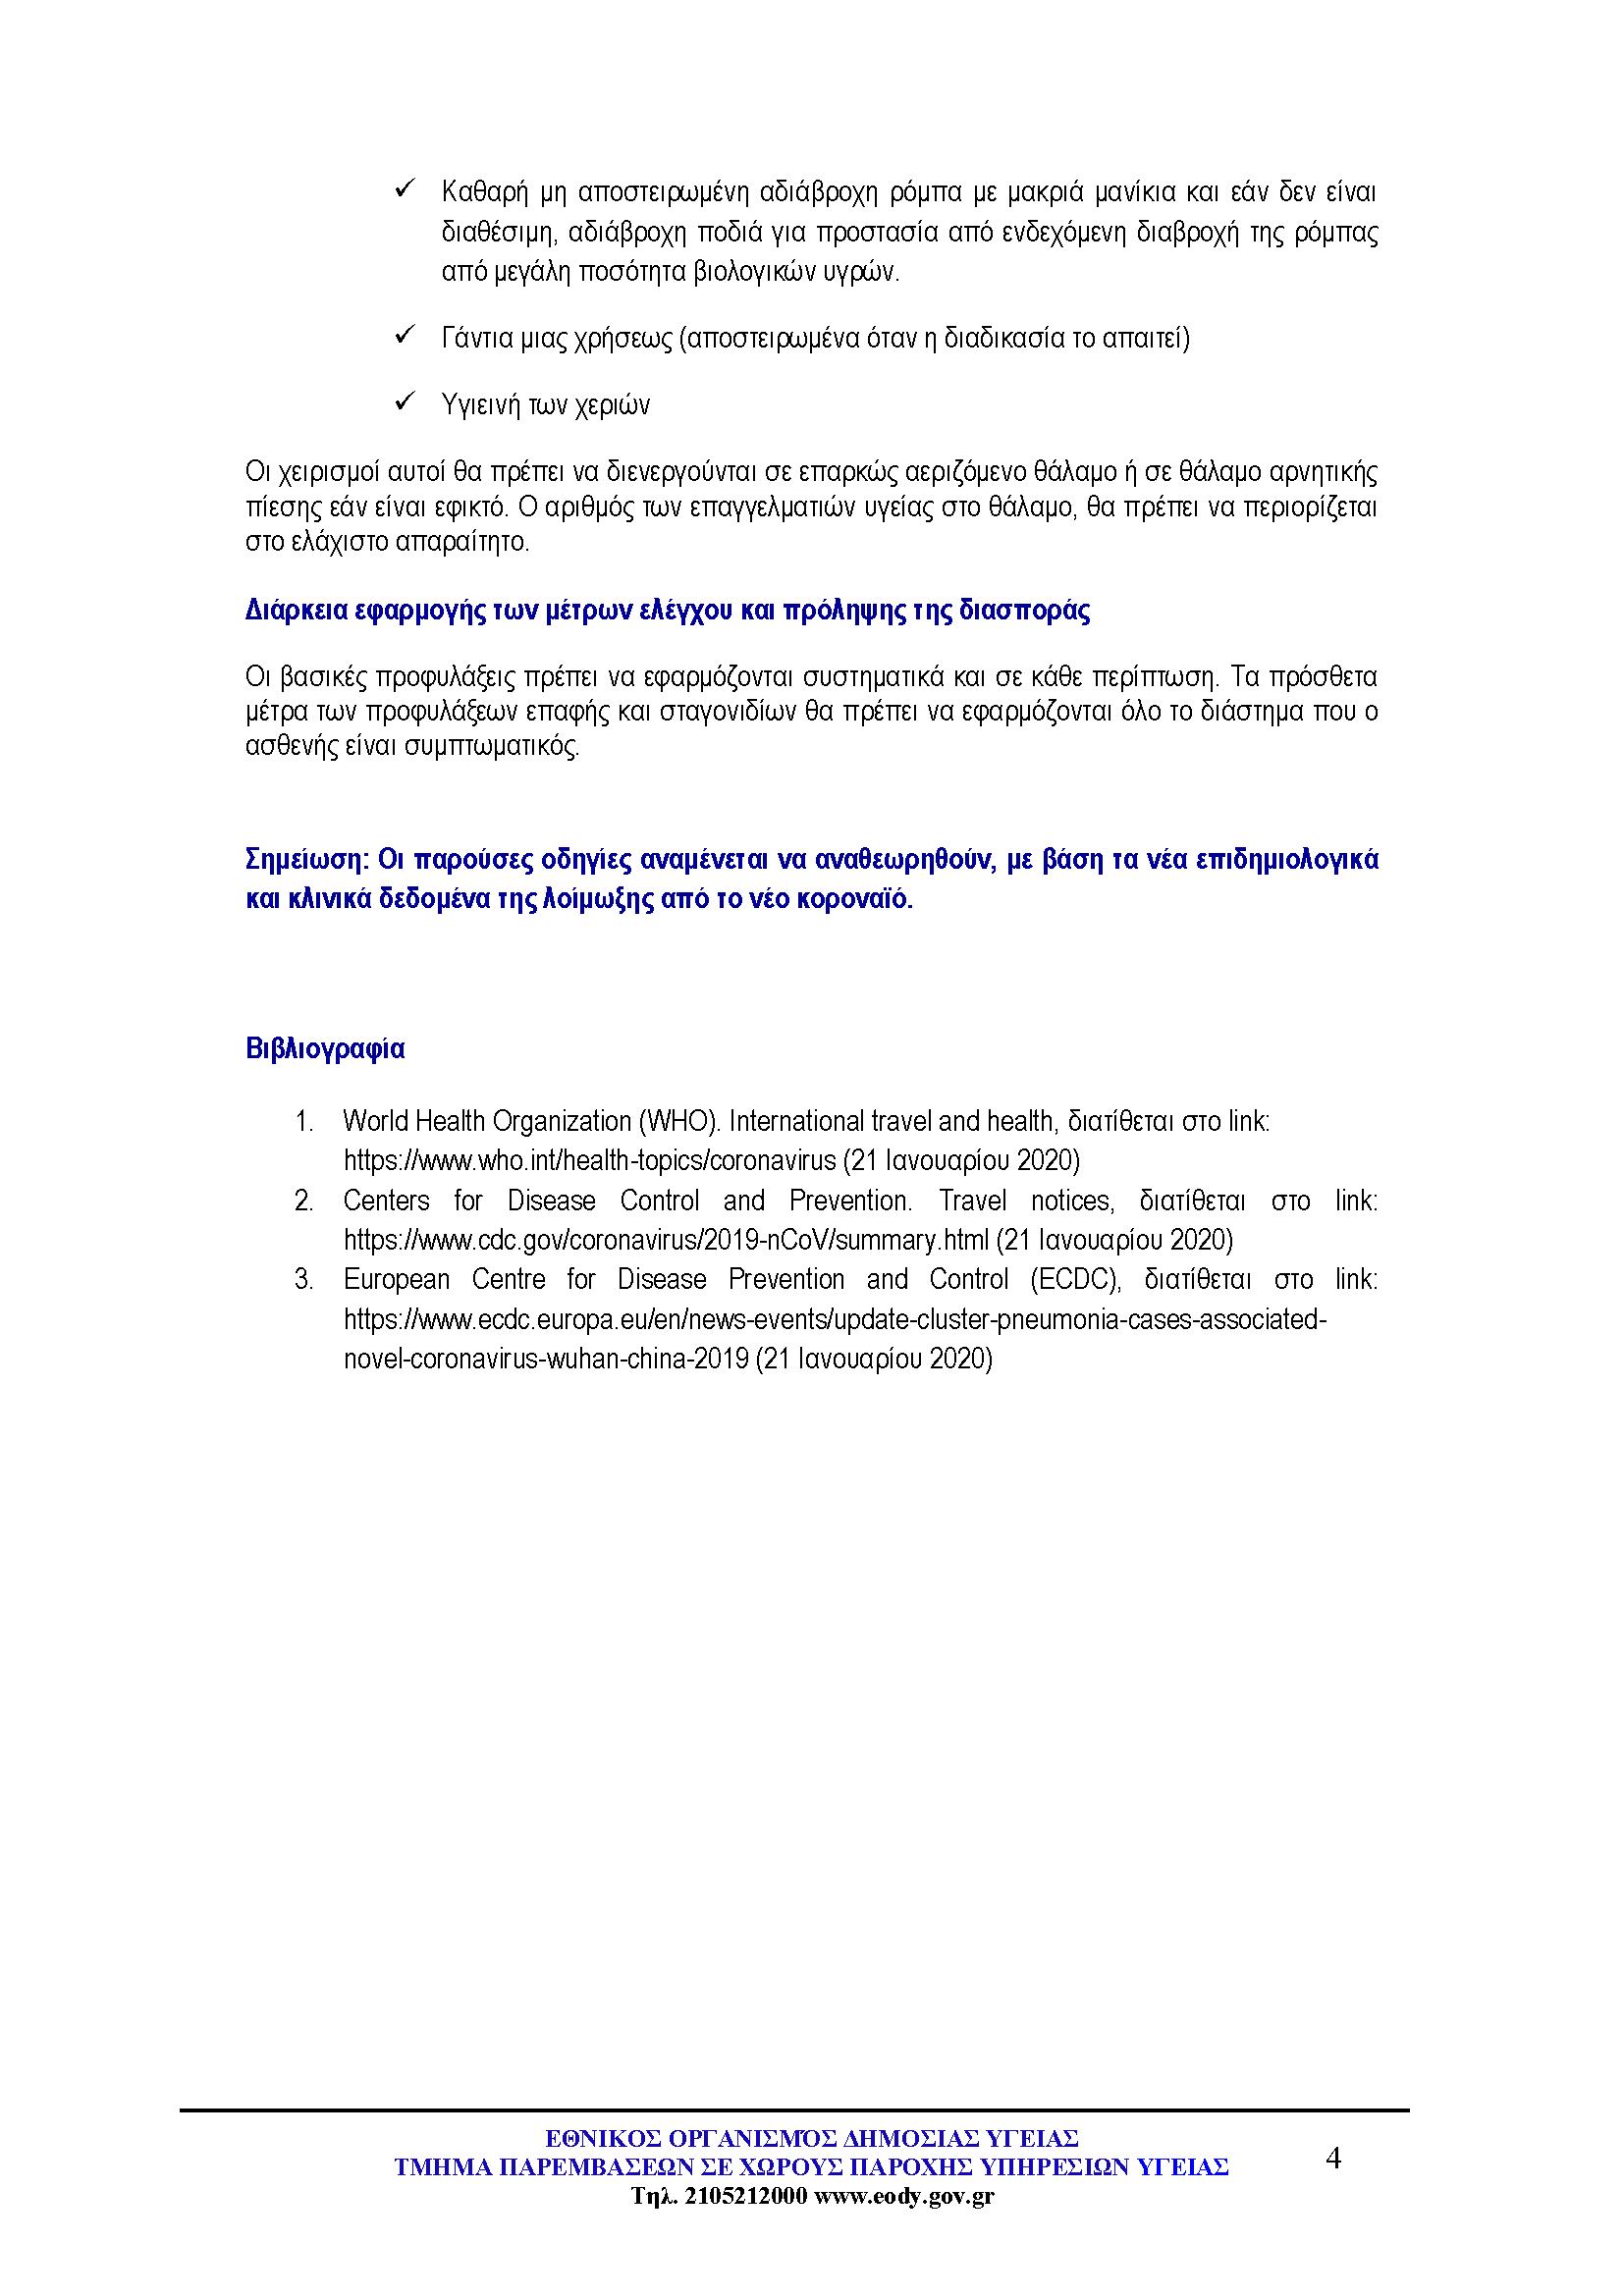 koronaios-kina-22012020_Page_4